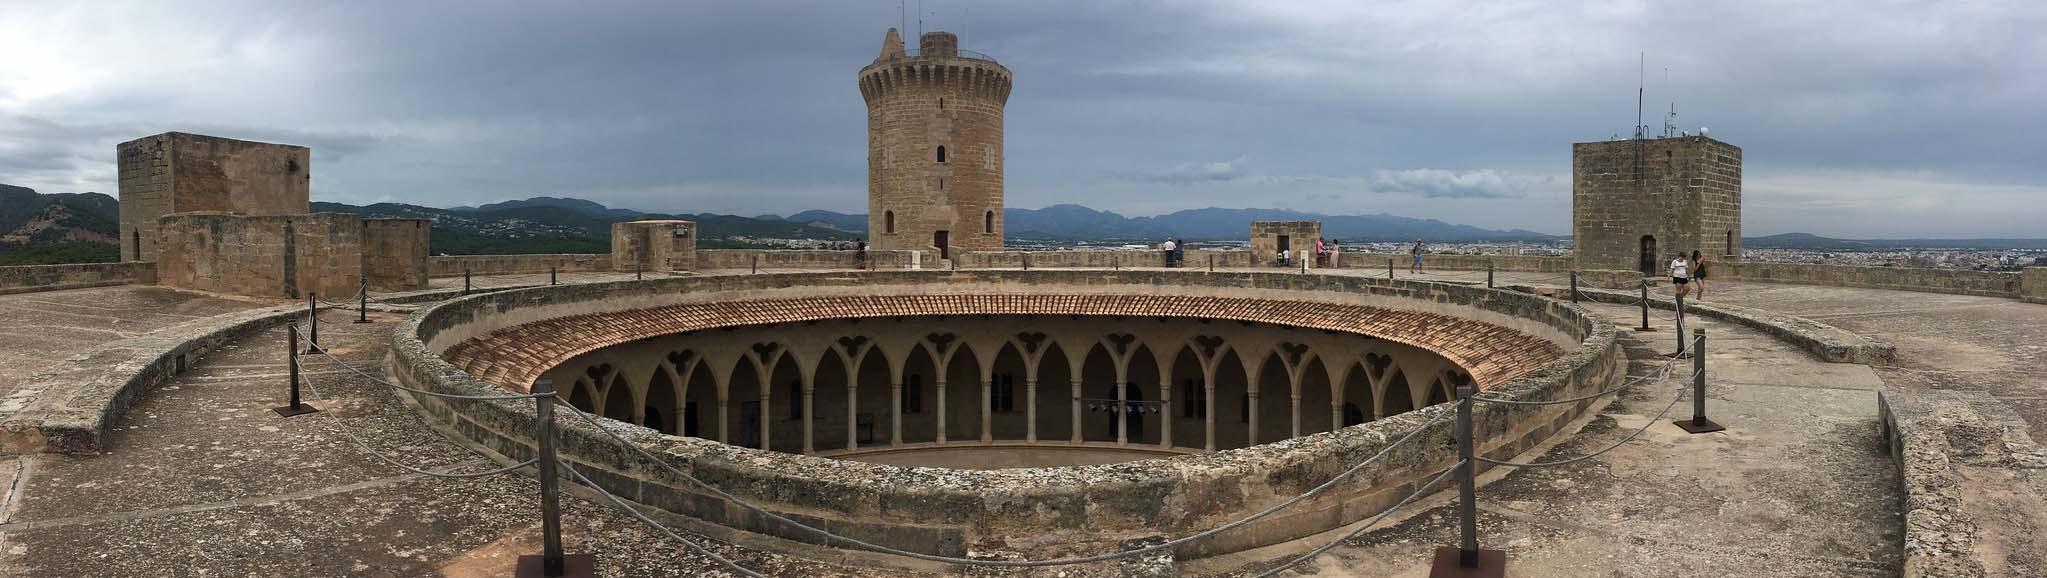 Замок Бельвер на Майорке, Испания